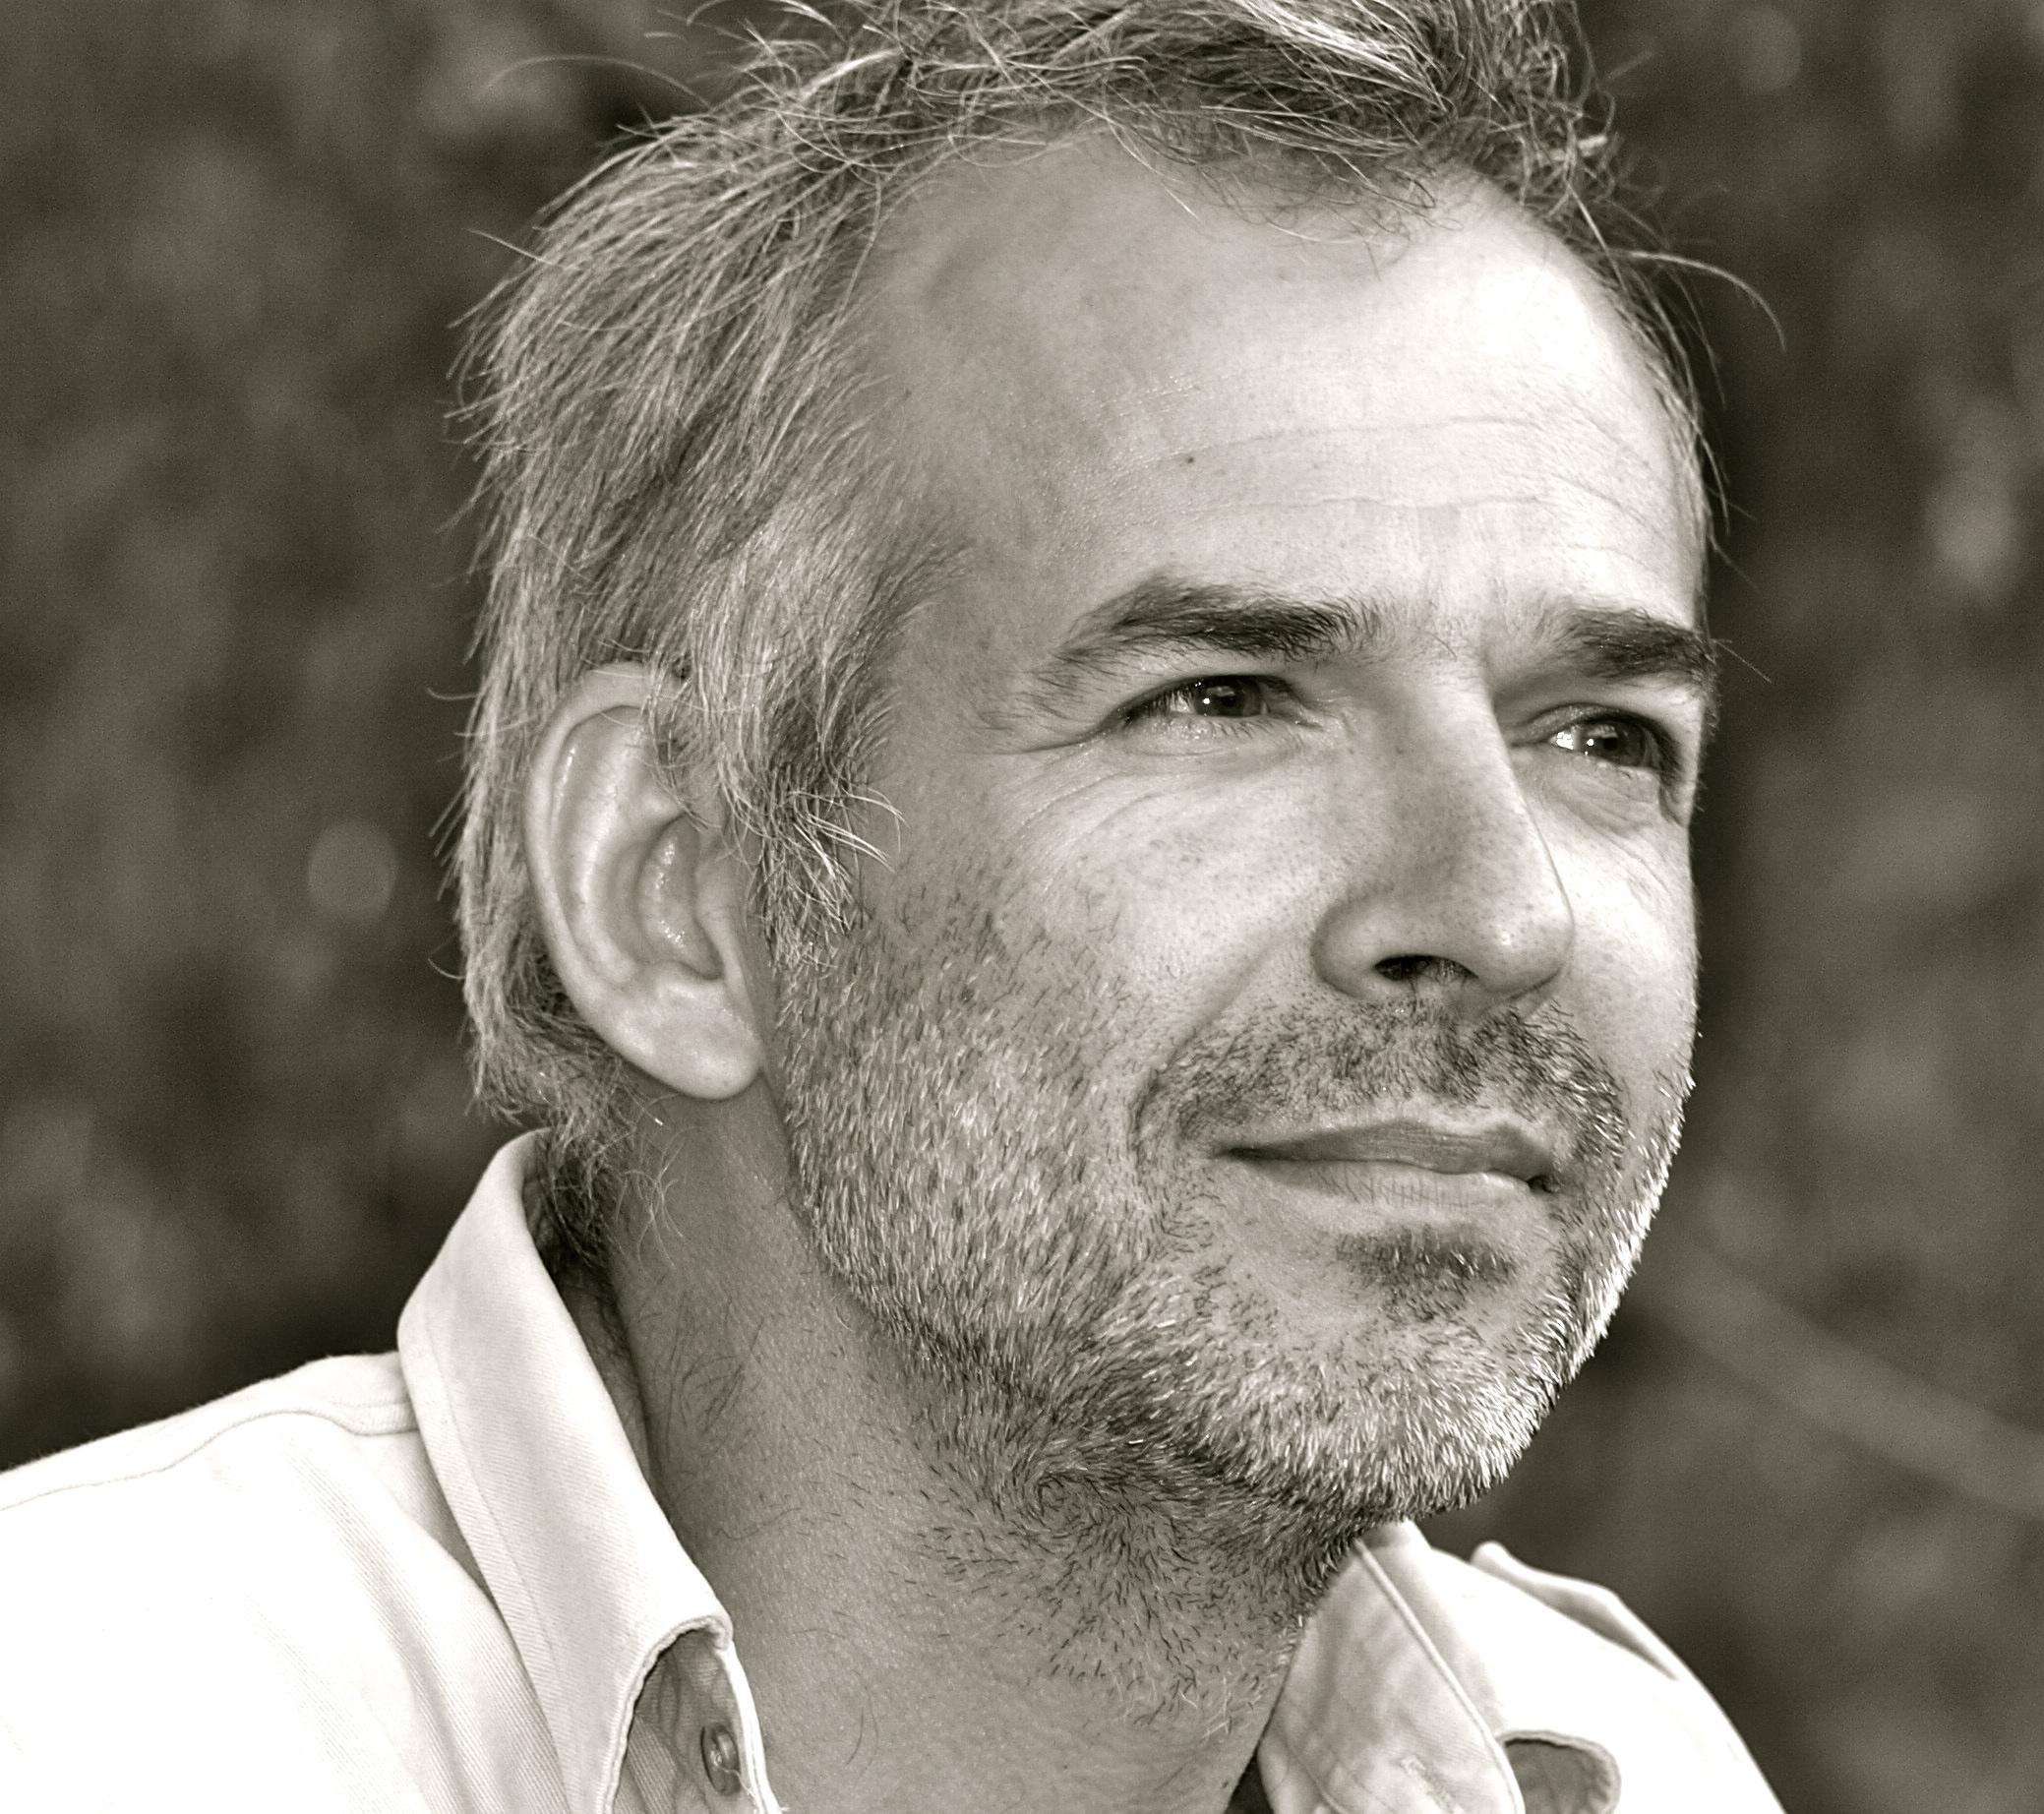 Axel De Schrijver